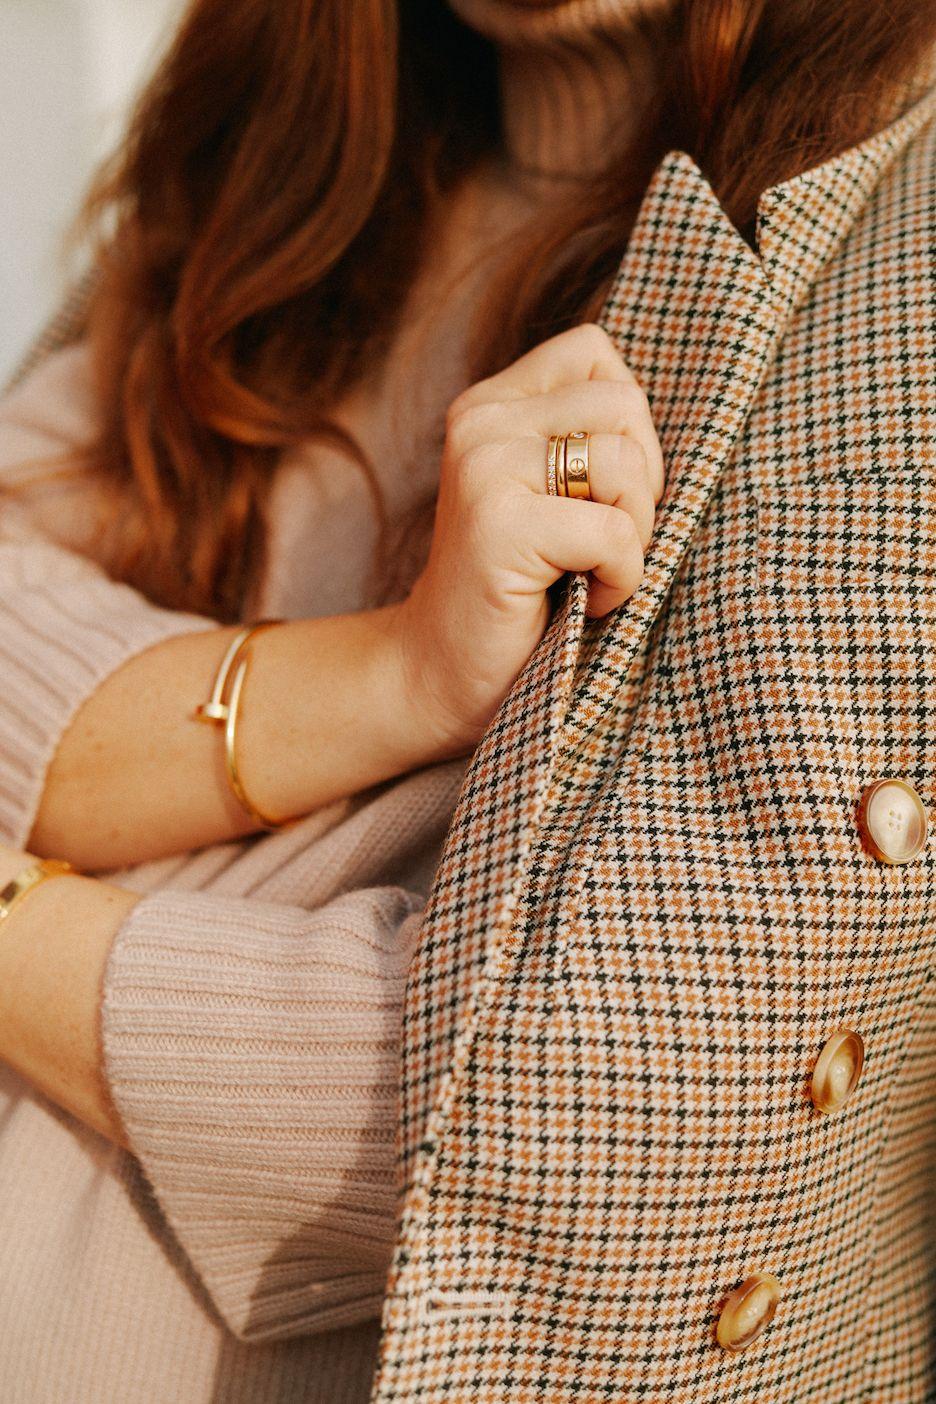 Dieser Ring ist einfach zum Verlieben: Er gehört zur legendären Love-Kollektion